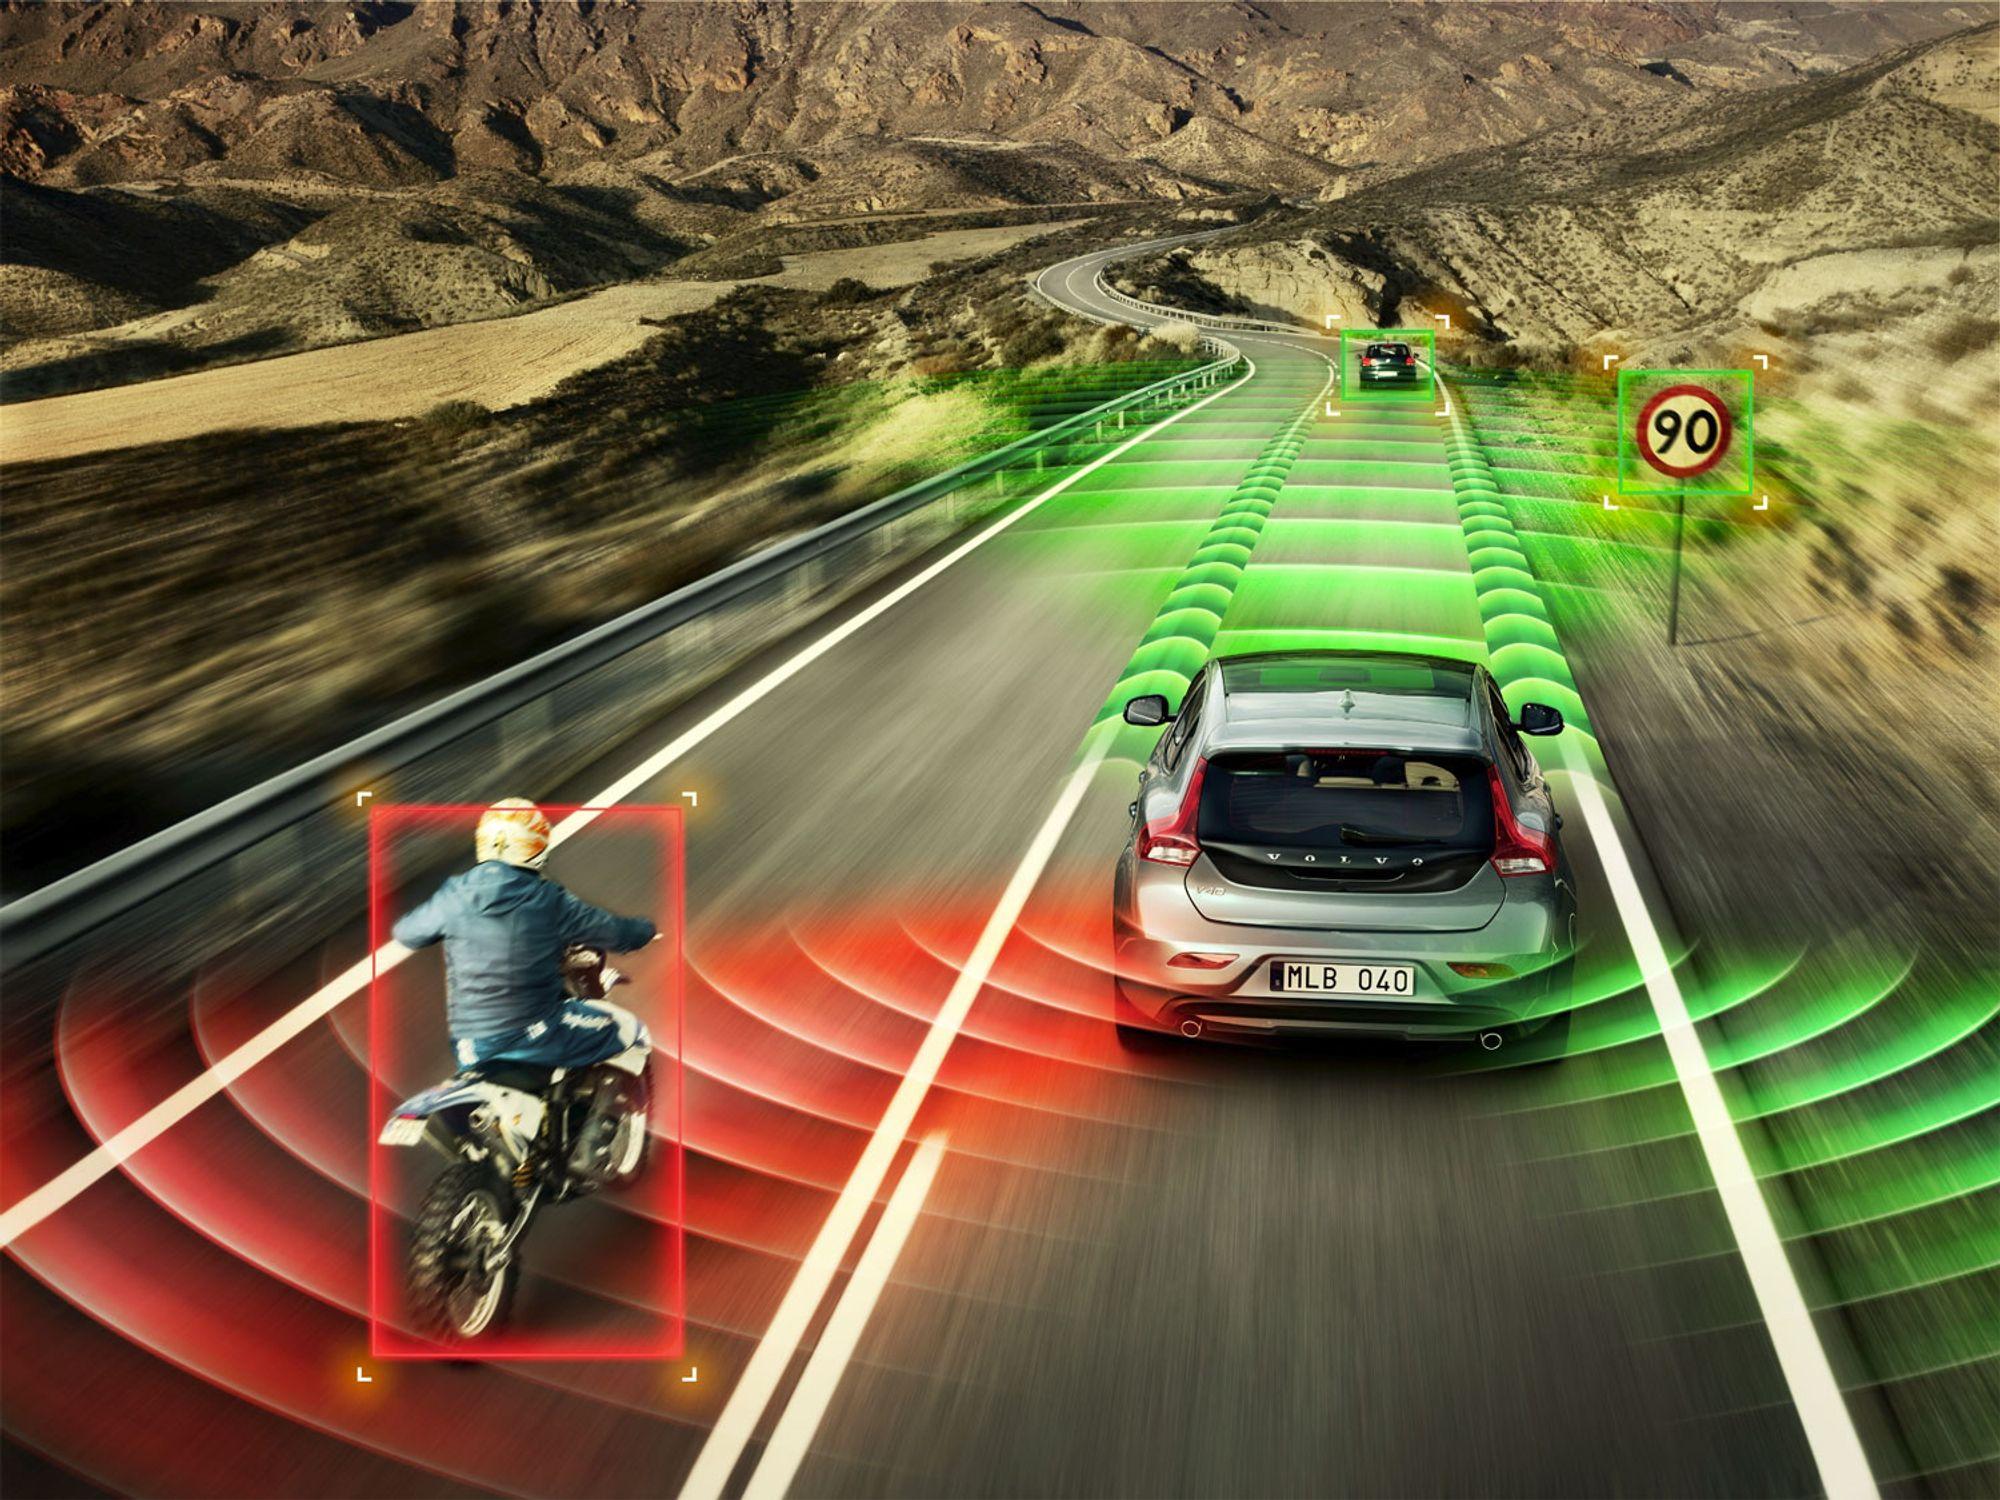 f5e00087 VOLVO ANNO 2020: Sensorer vil etter hvert også fungere med biler i høy  hastighet,